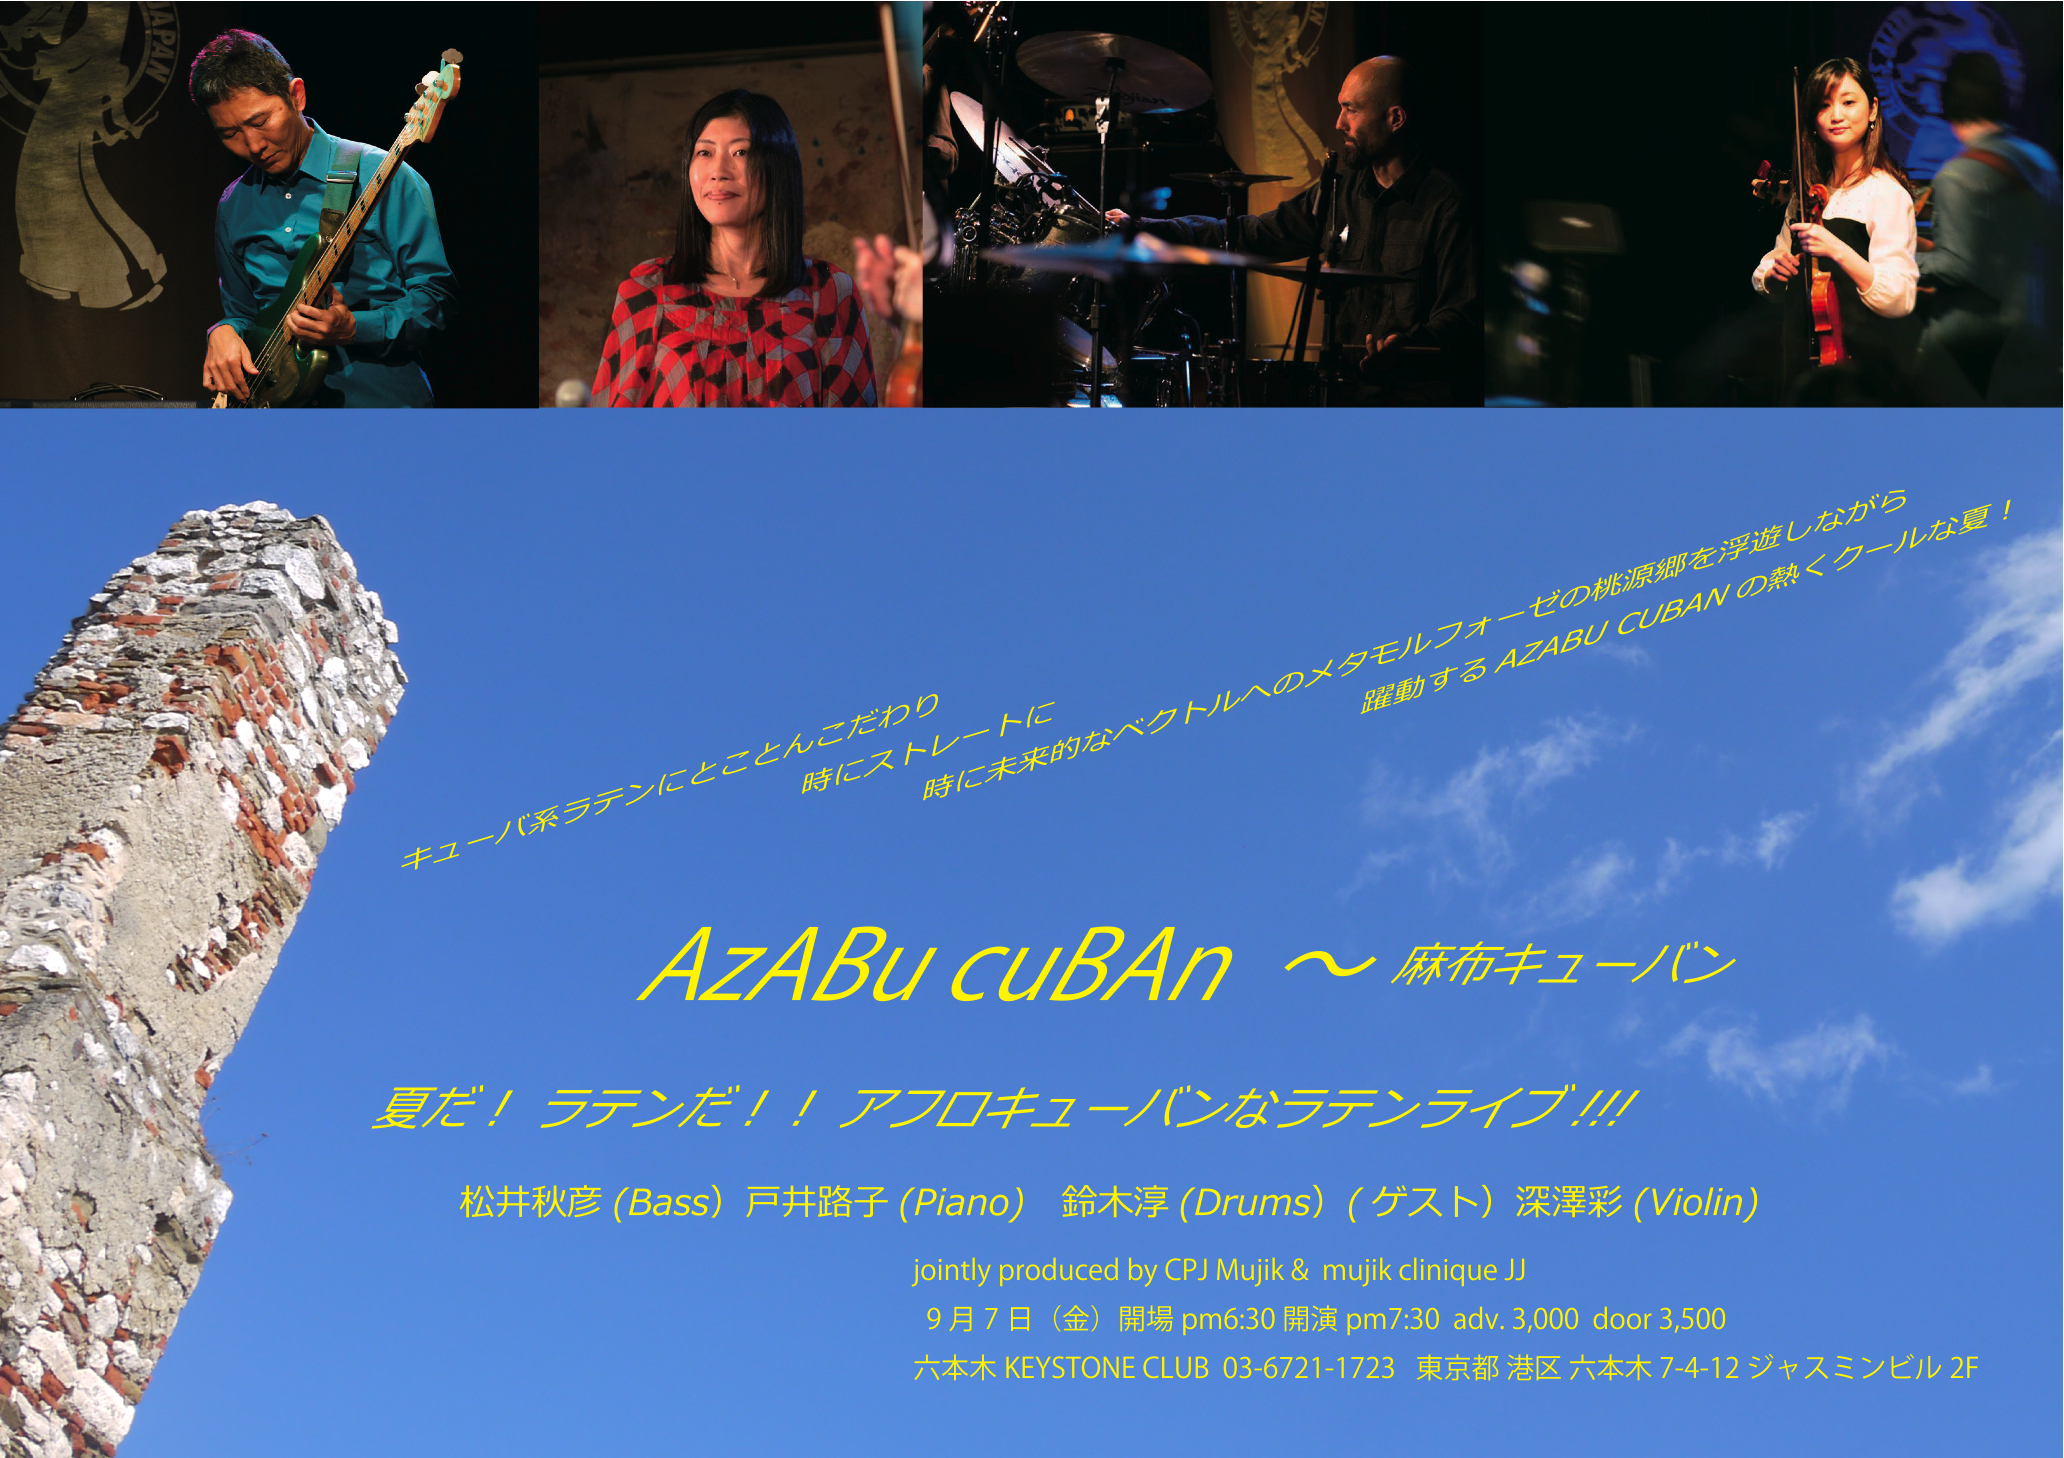 azabu cuban907 コピー